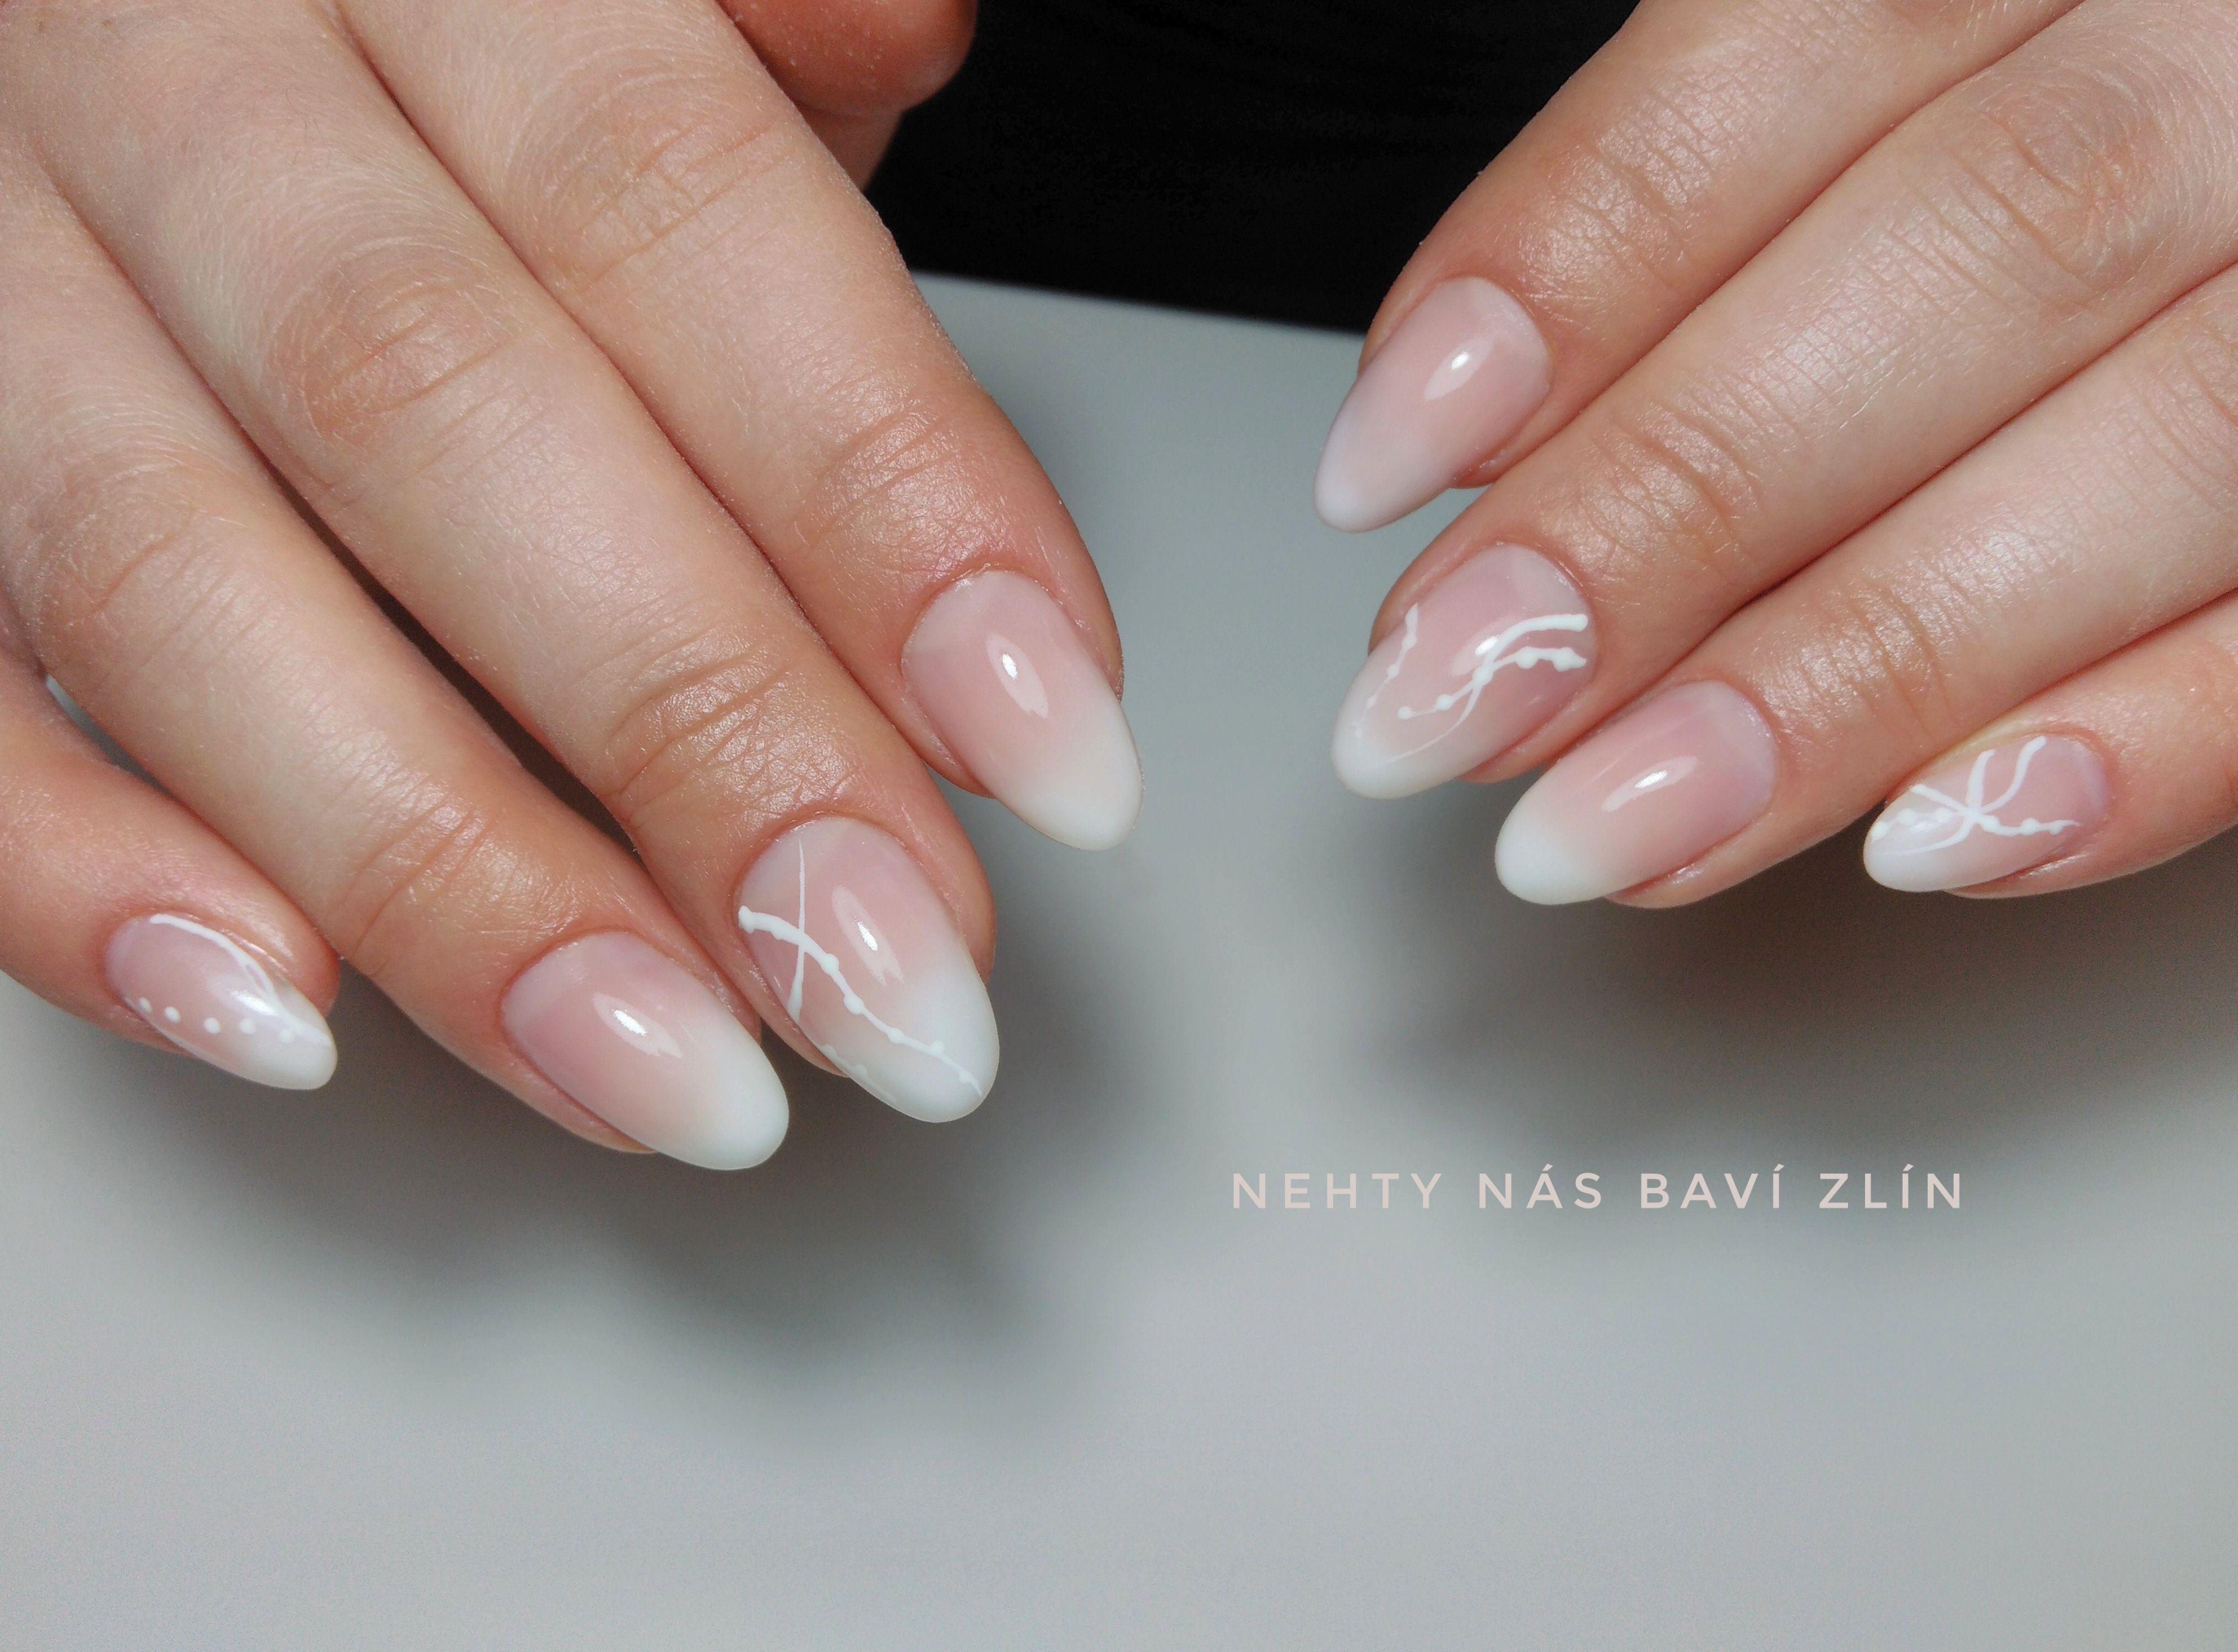 Babyboomer Nails Nehty